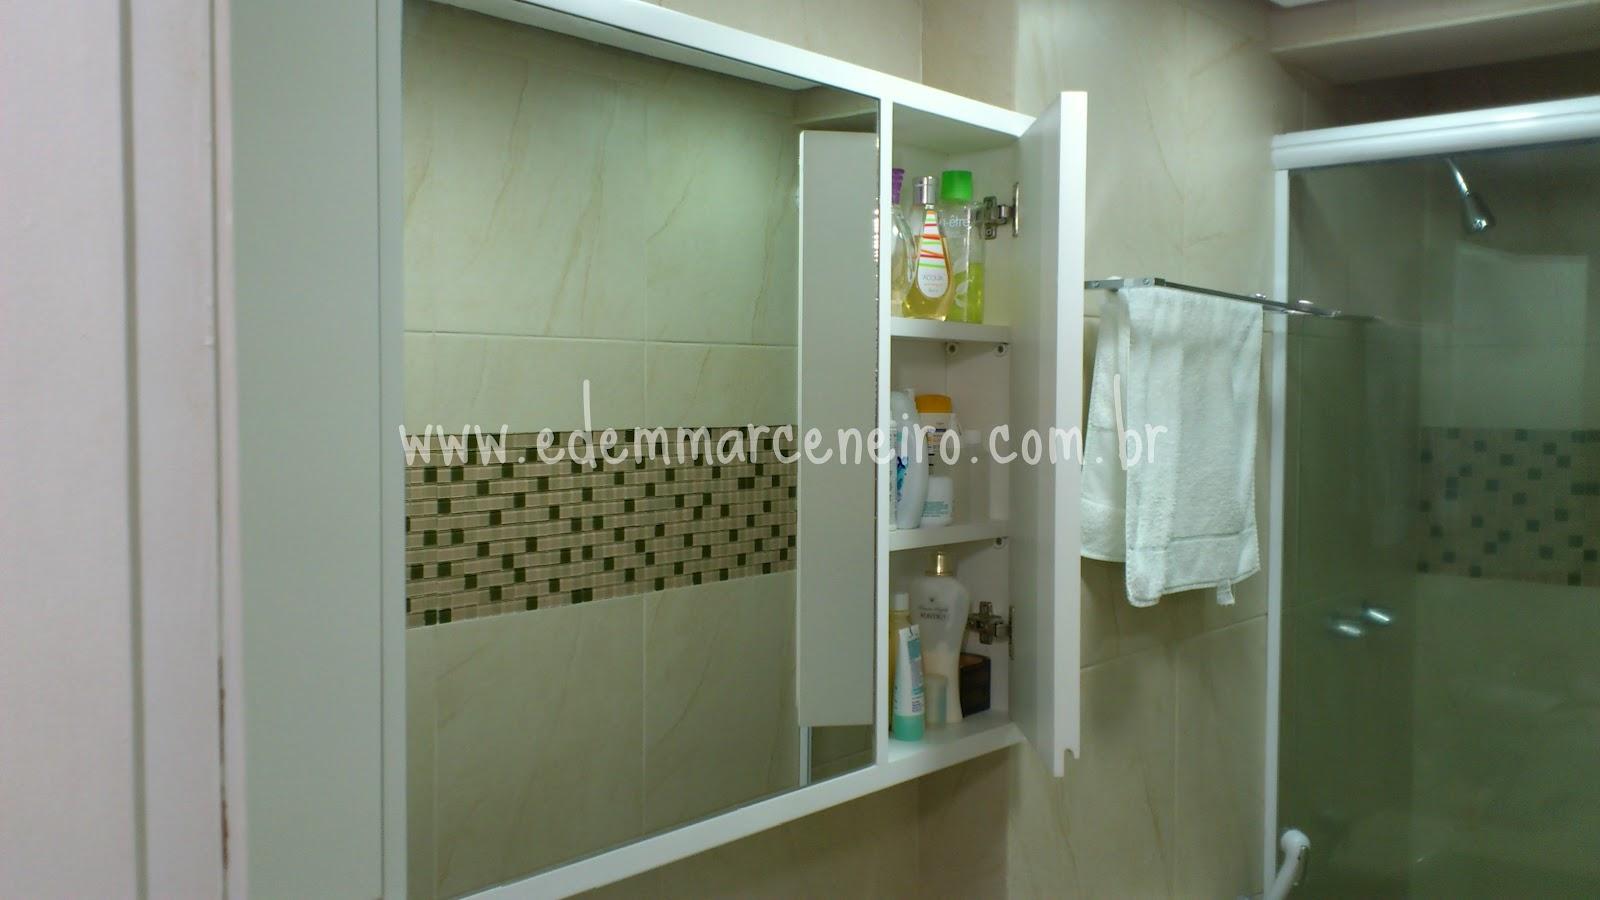 Armário Laqueado para banheiro com espelho  Edem Marceneiro -> Armario De Banheiro Feito Por Marceneiro